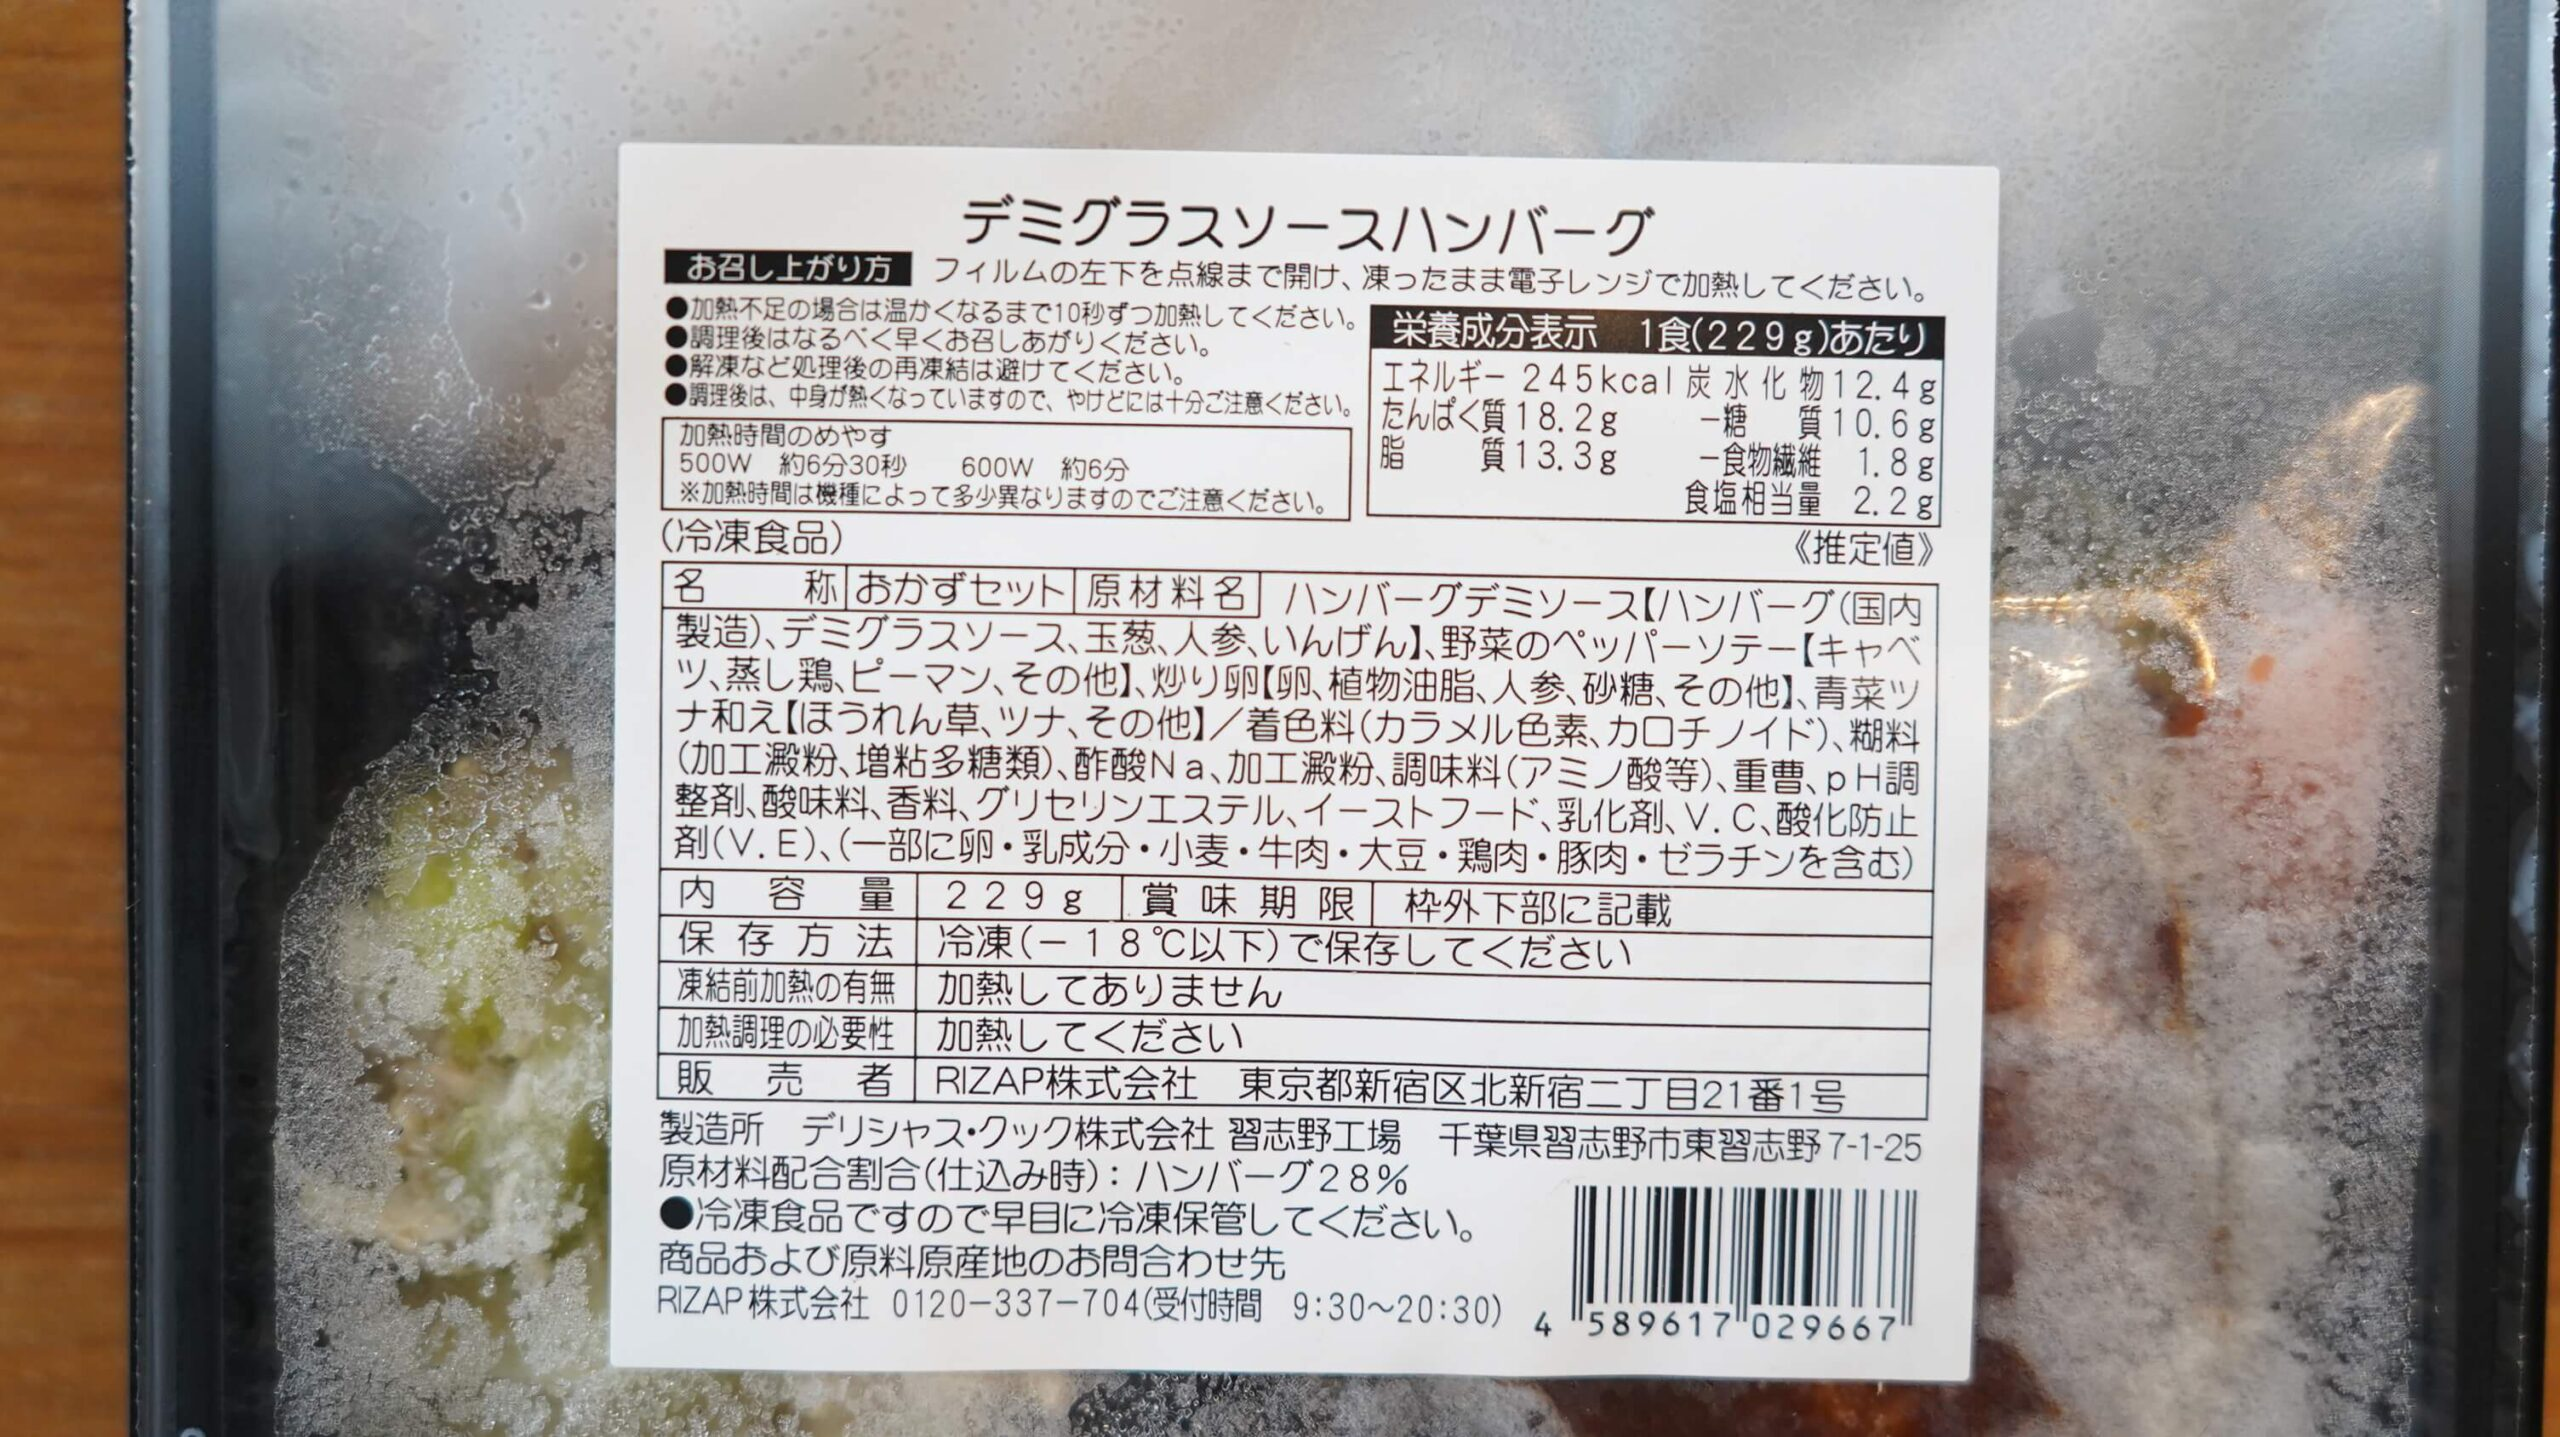 ライザップのサポートミール「デミグラスソースハンバーグ」の商品情報の写真